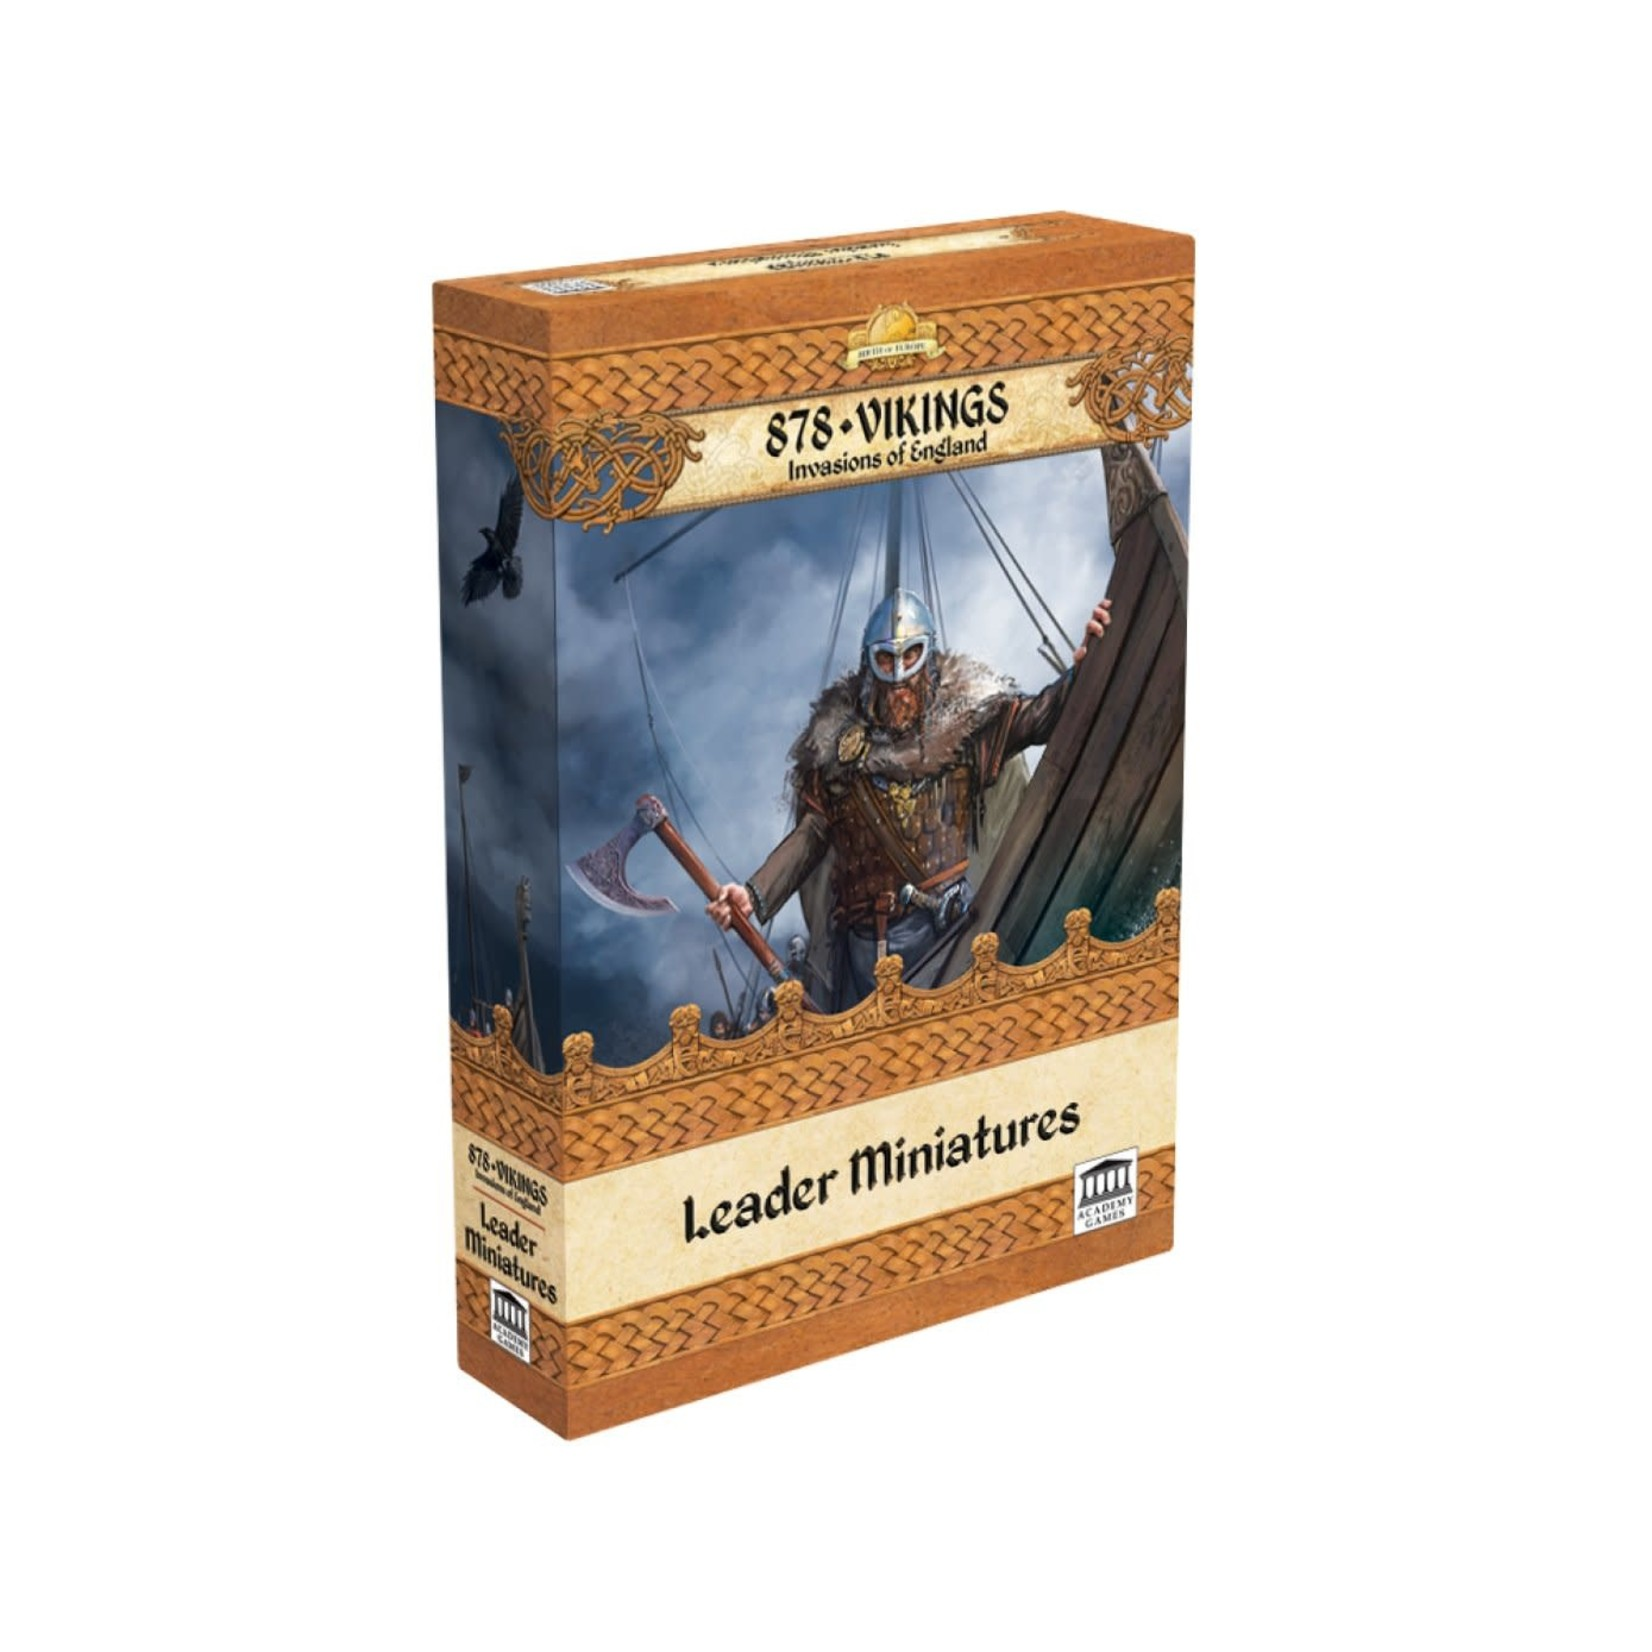 Academy Games 878 Vikings: Leader Miniatures